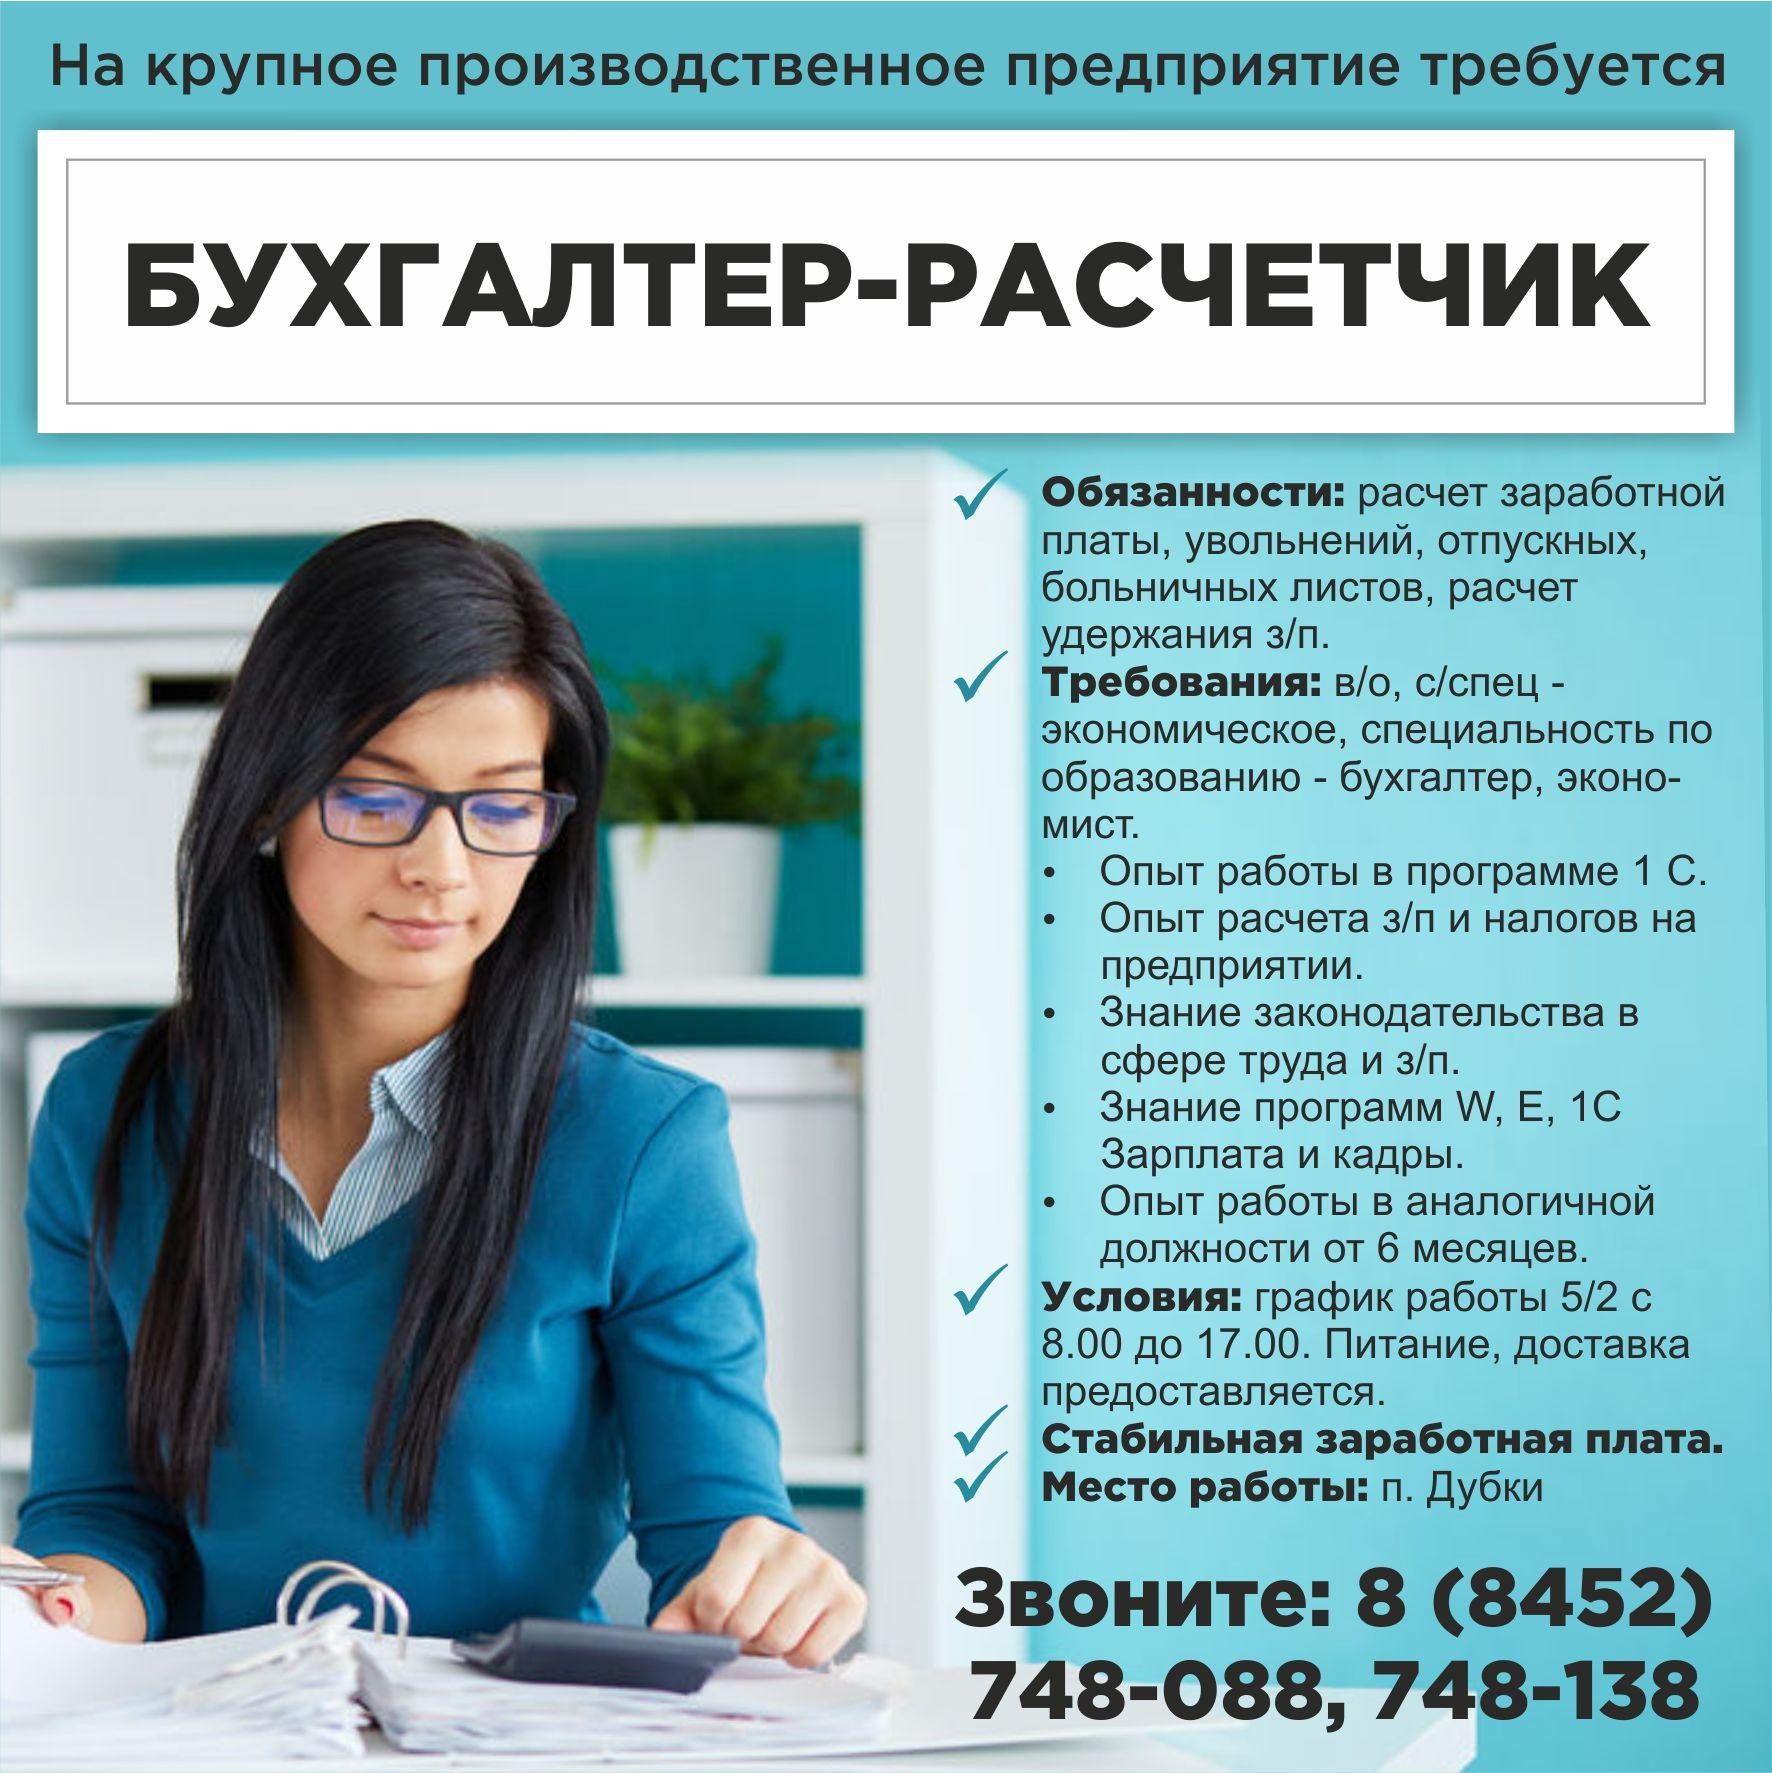 Вакансии бухгалтеров в бюджетных организациях ведение бухгалтерской отчетности ооо